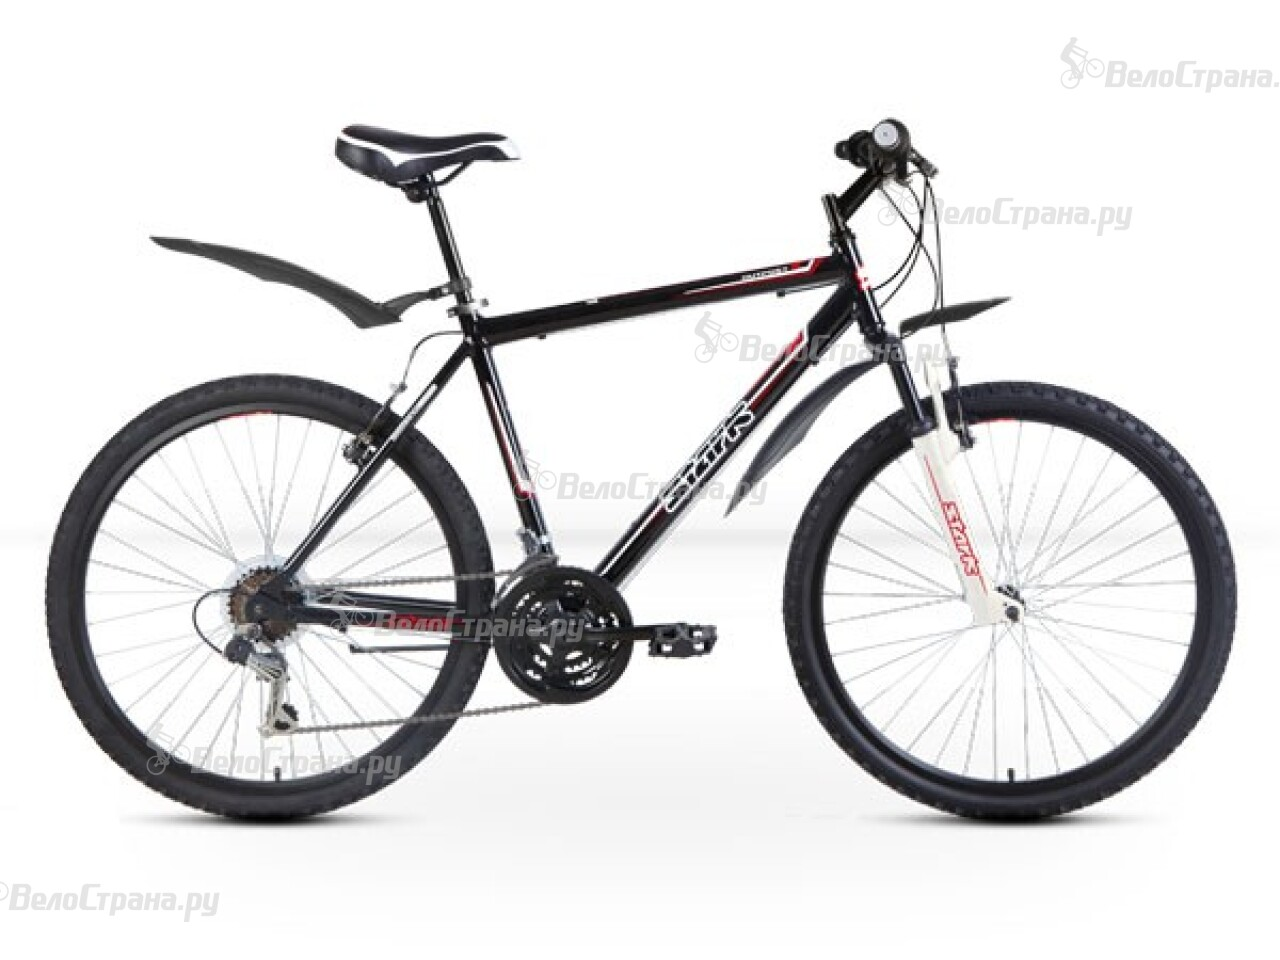 Велосипед Stark Outpost (2013) велосипед stark outpost 26 1 v 2018